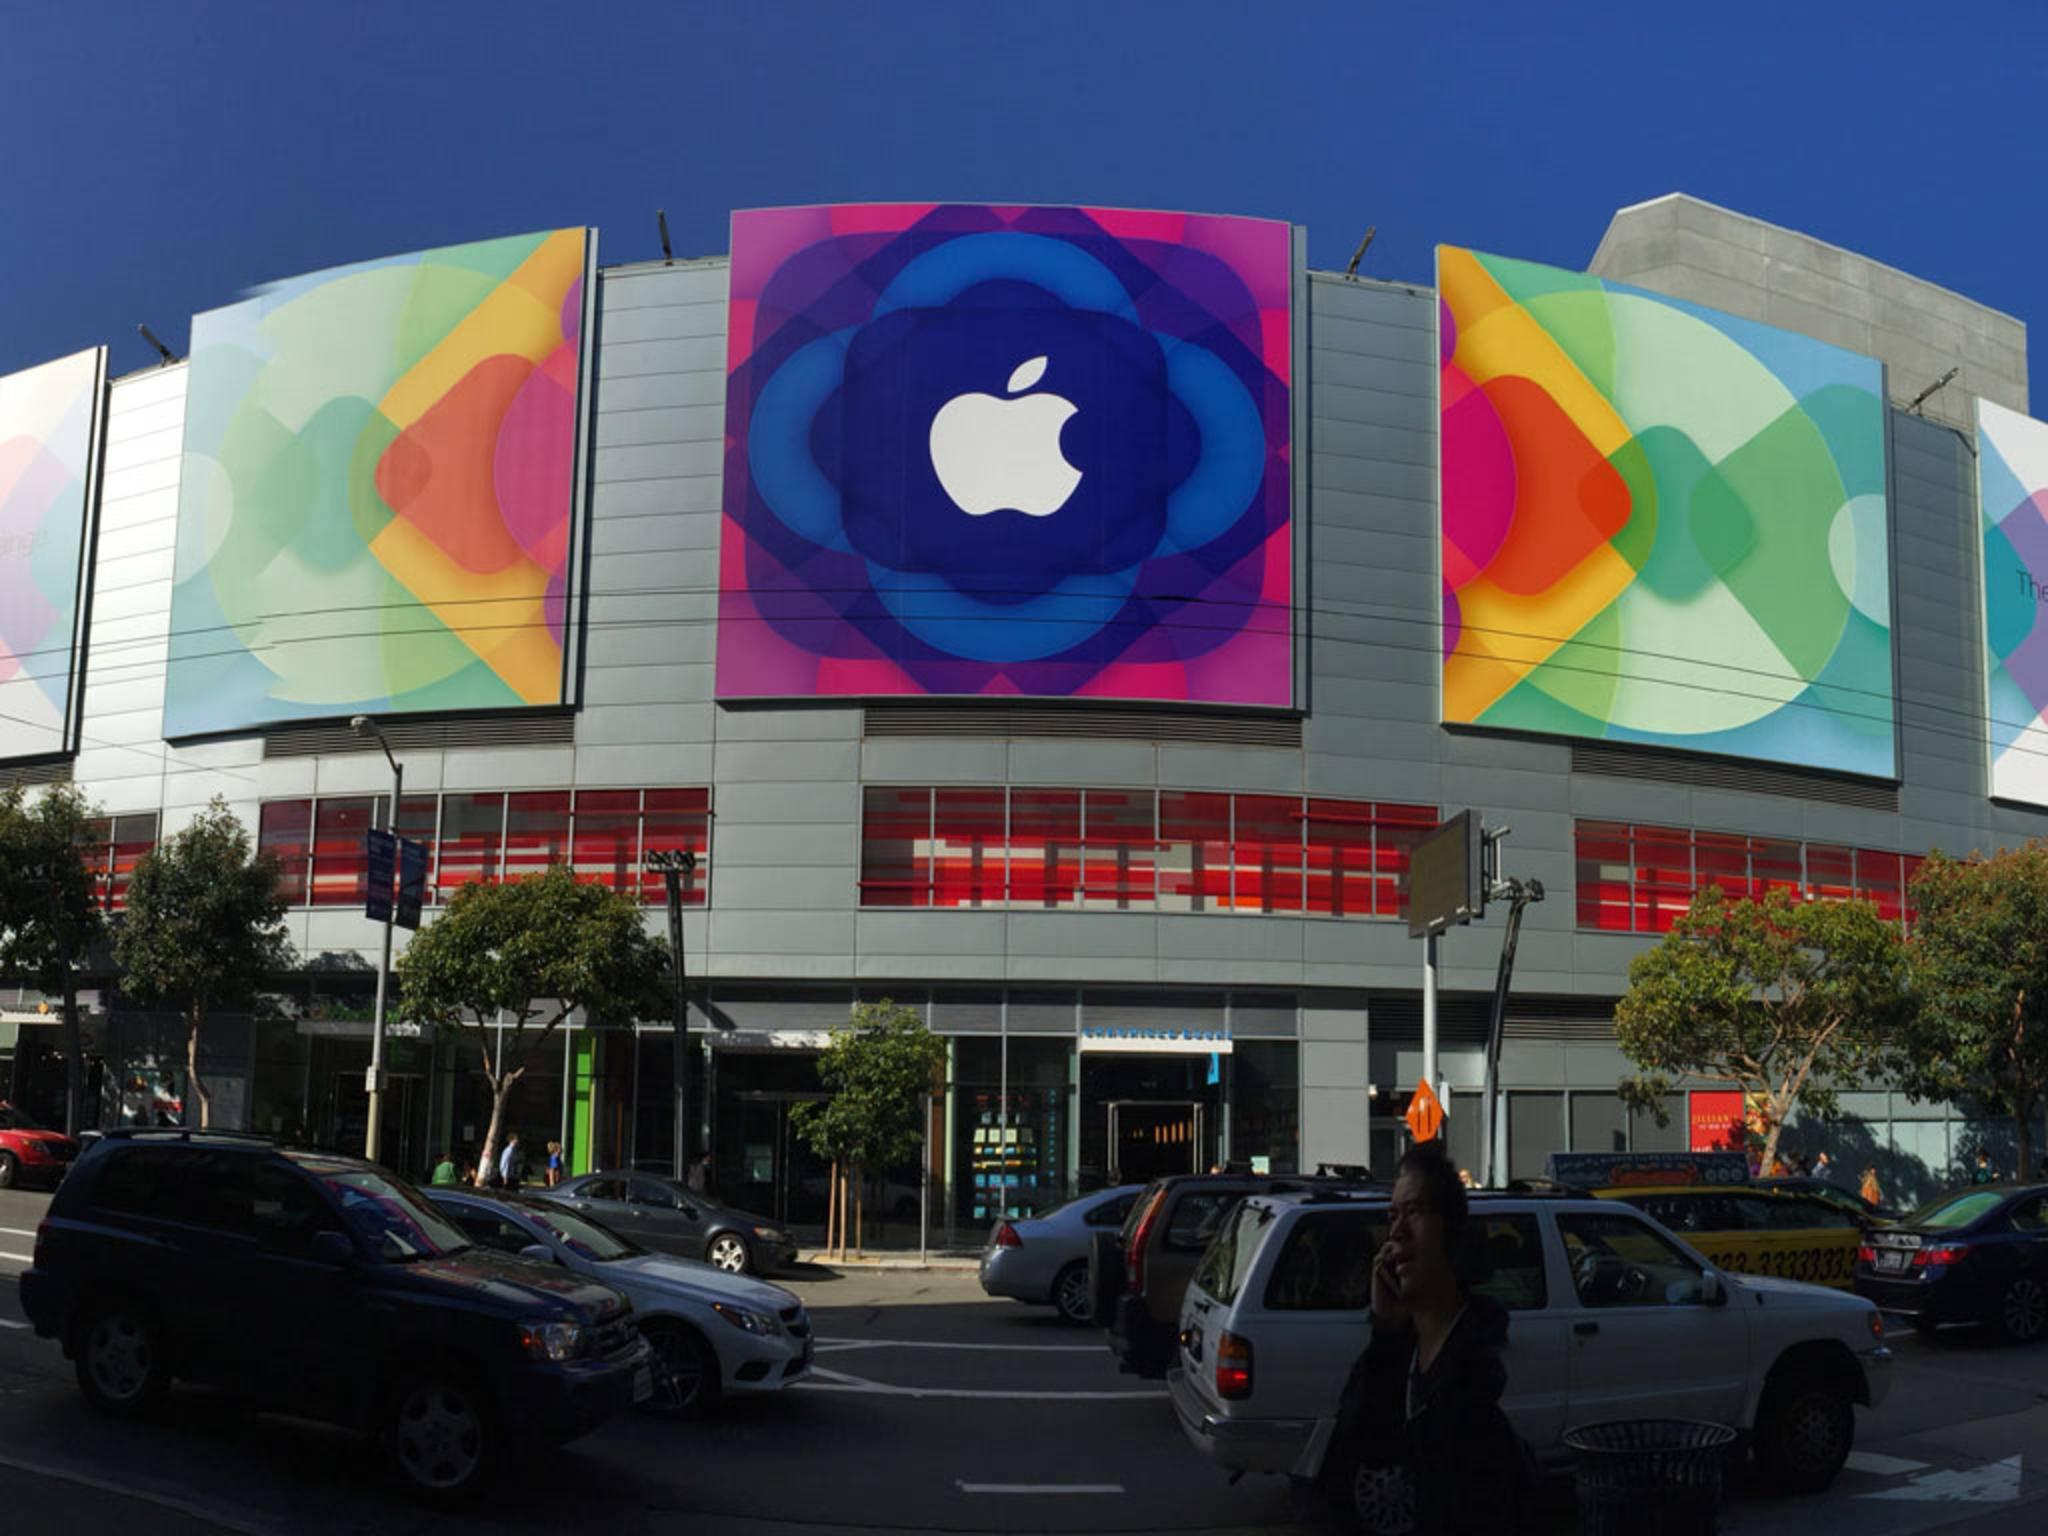 Die Apple WWDC 2016 wird ab 13. Juni stattfinden.